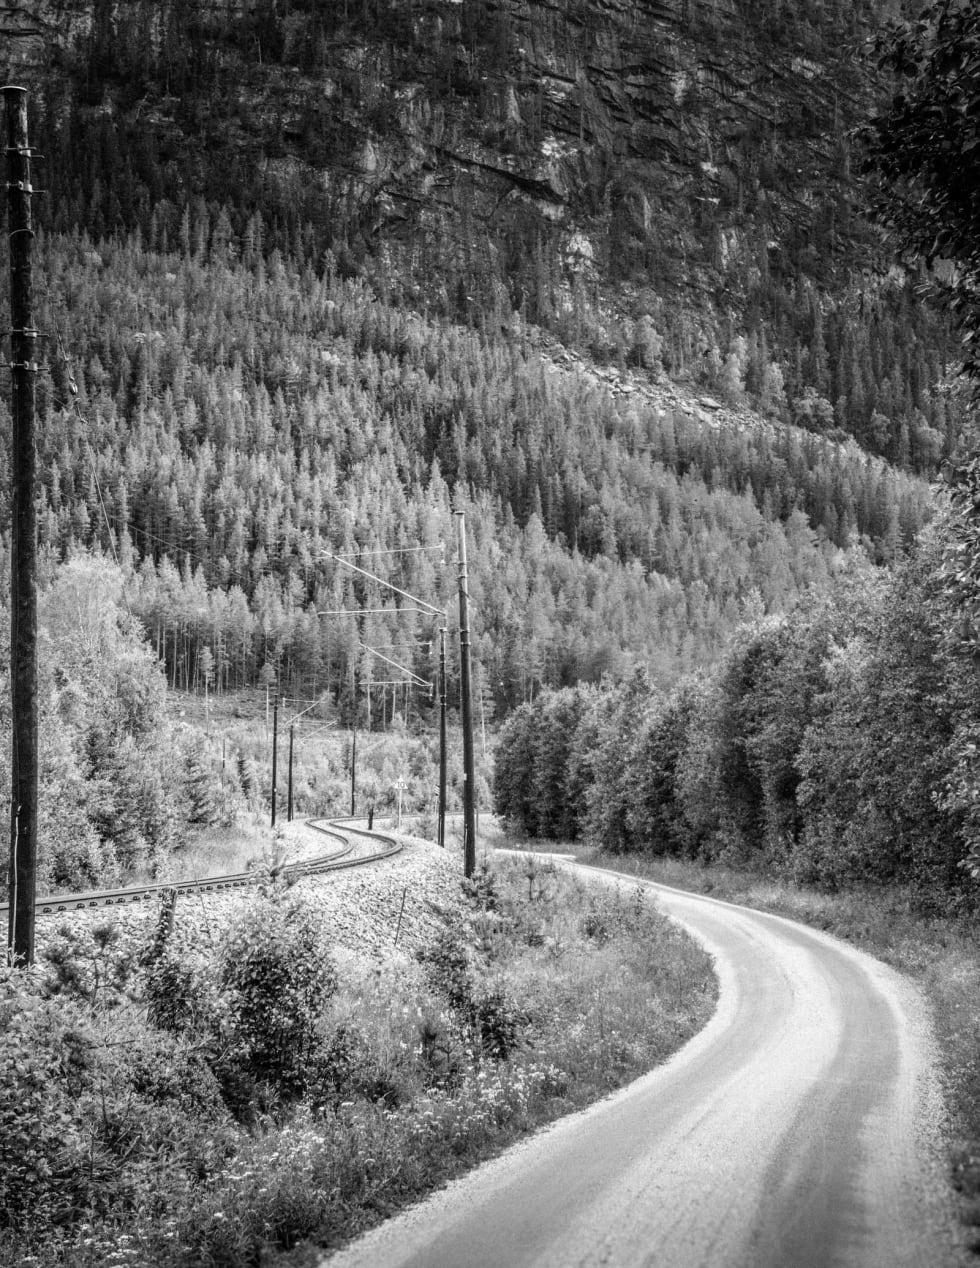 LANG KLATRING: Nic Eilertsen på vei opp fra Leveld mot toppen av Fanitullvegen. Klatringen går i flere bratte kneiker, men er overkommelig for de aller fleste.